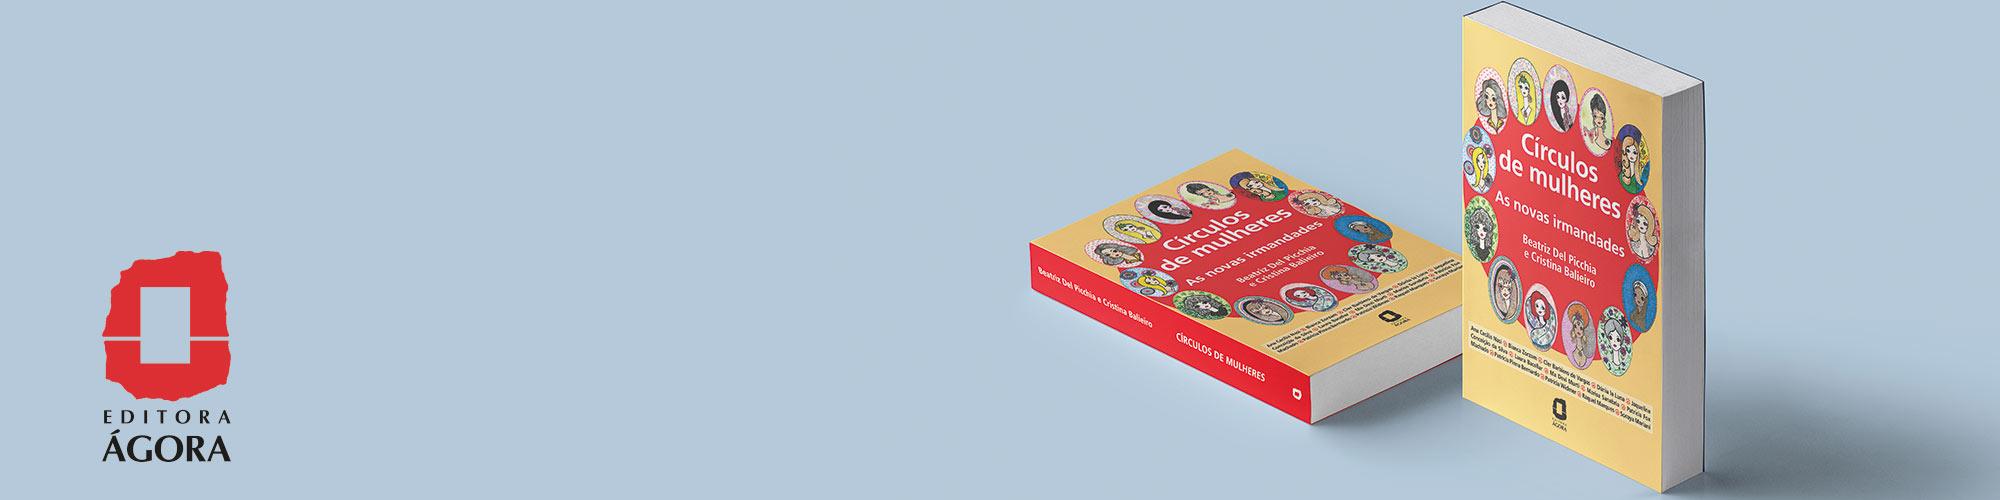 """""""Círculos de Mulheres"""": venha ao lançamento de livro que desvenda as redes femininas de apoio mútuo"""